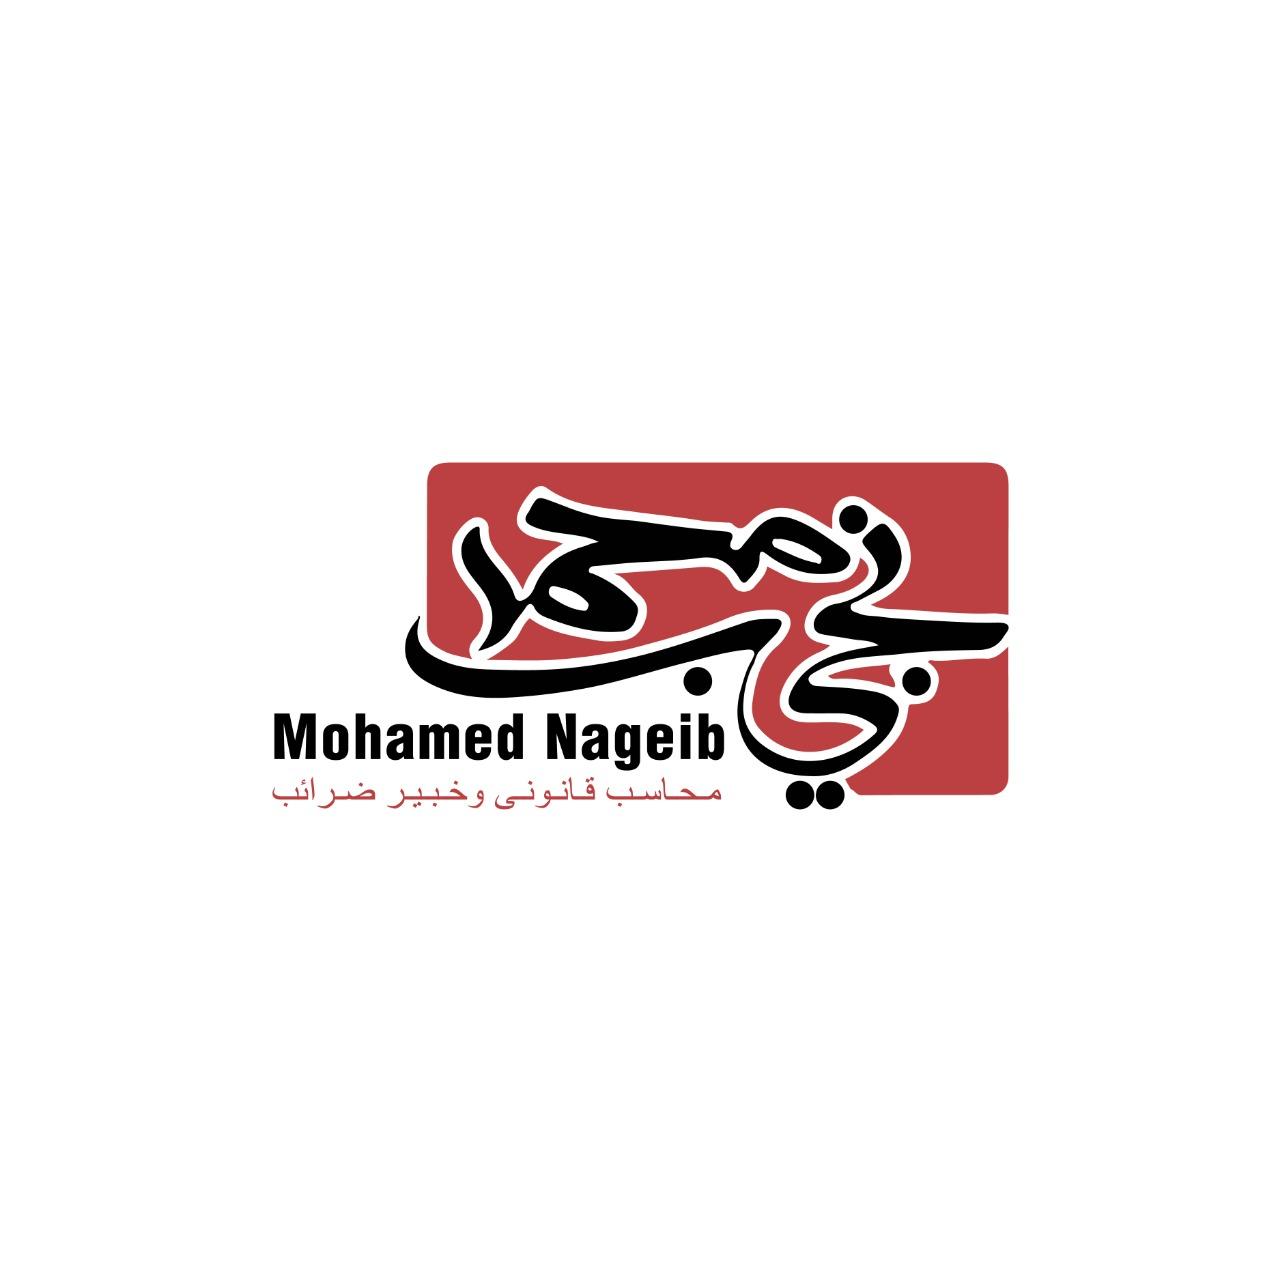 لوجو مكتب محمد نجيب صلاح الدين(محاسب قانوني وخبير ضرائب)